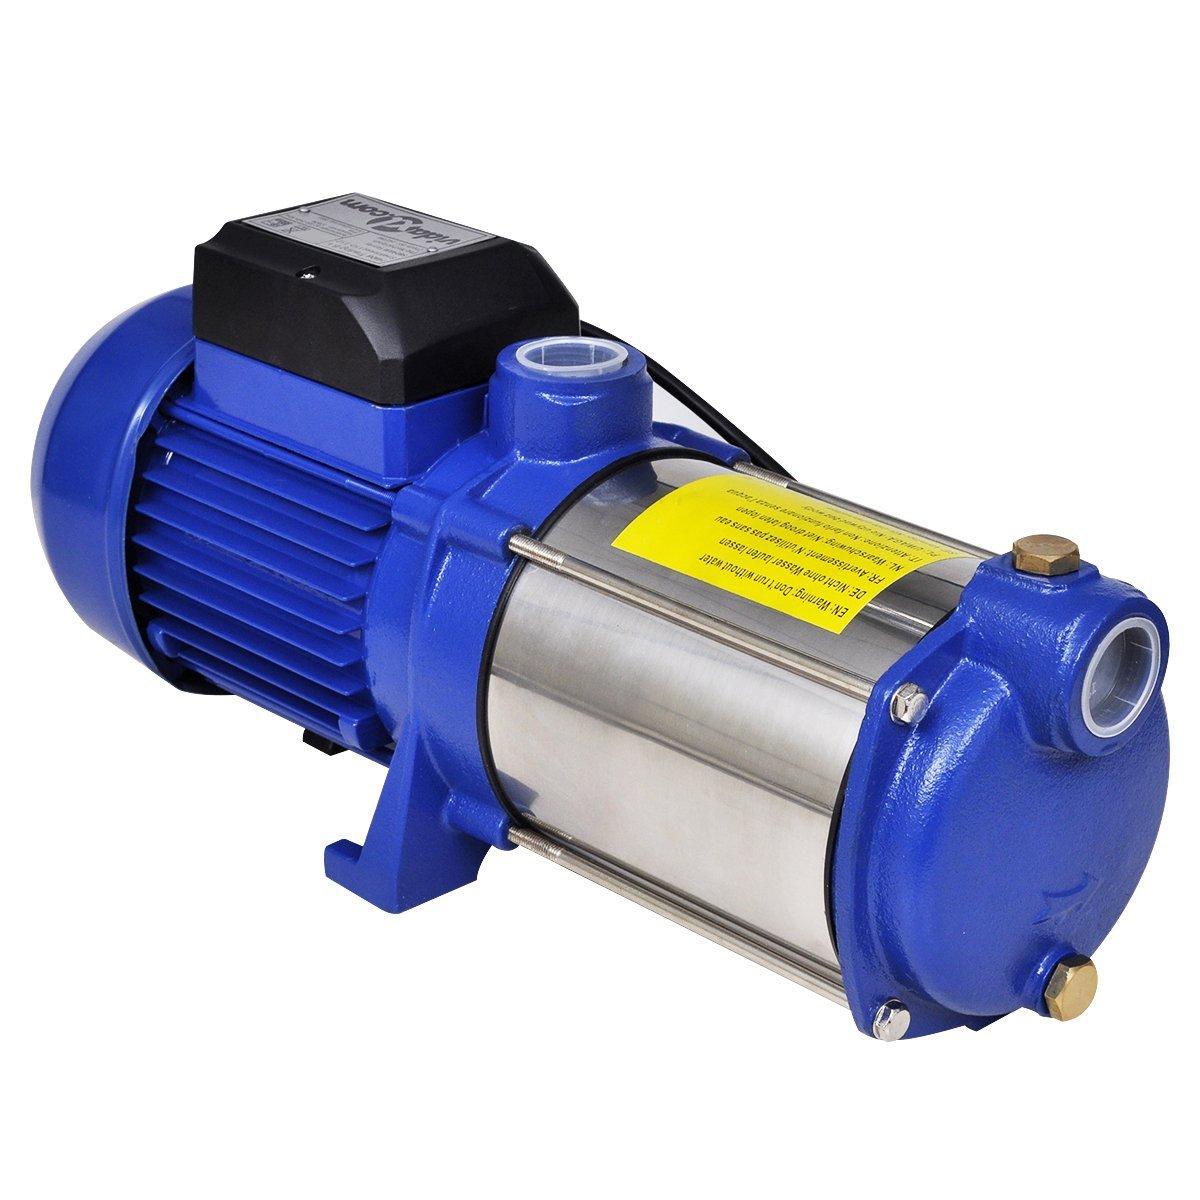 vidaXL Bomba inyectora azú l, 1300 W, 5100 L/h